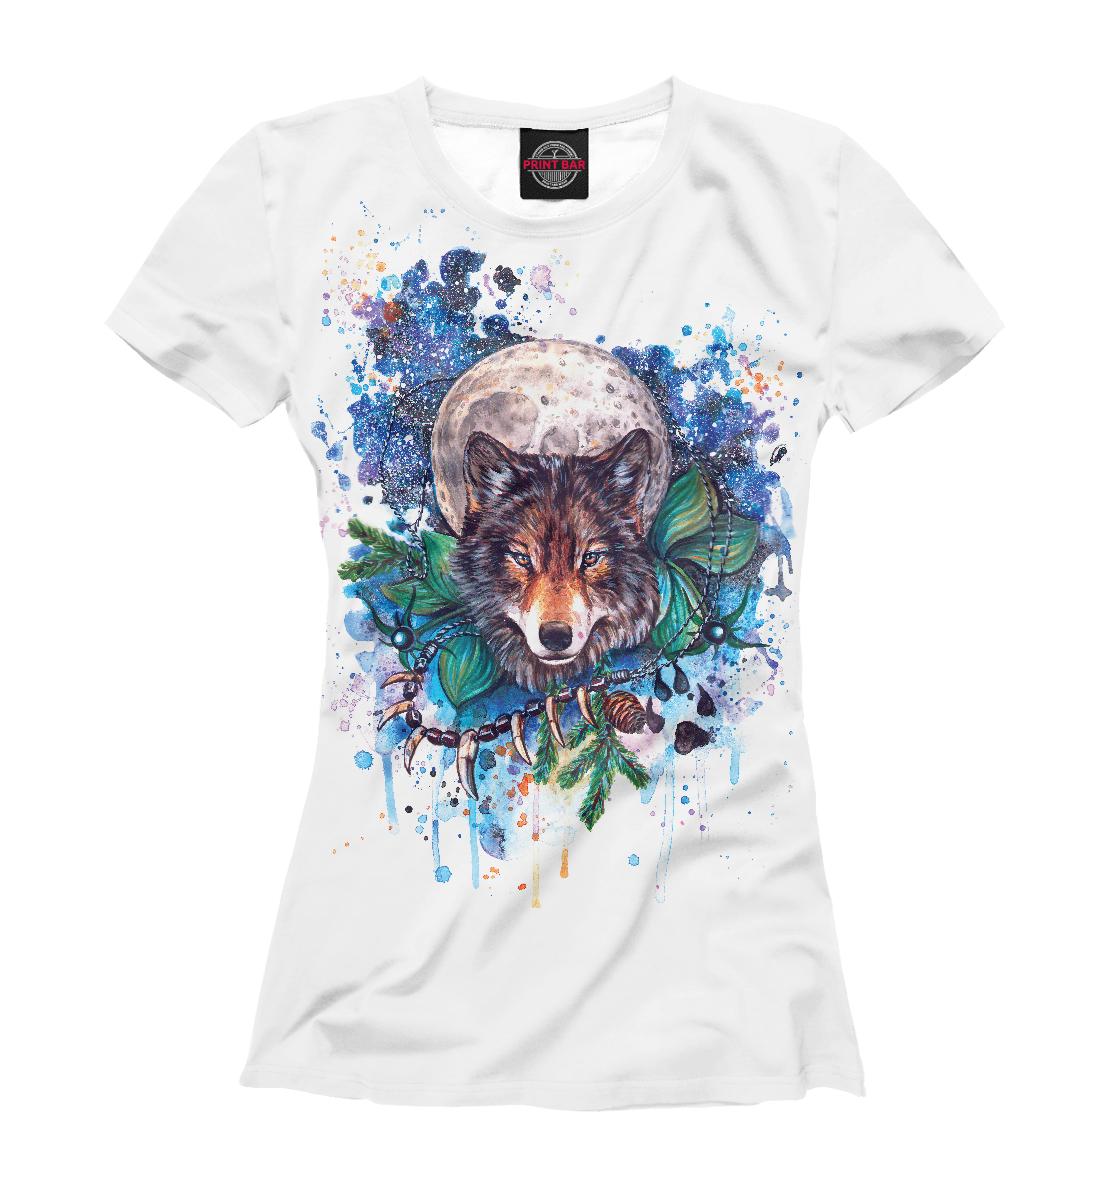 Купить Акварельный волк, Printbar, Футболки, VLF-353309-fut-1